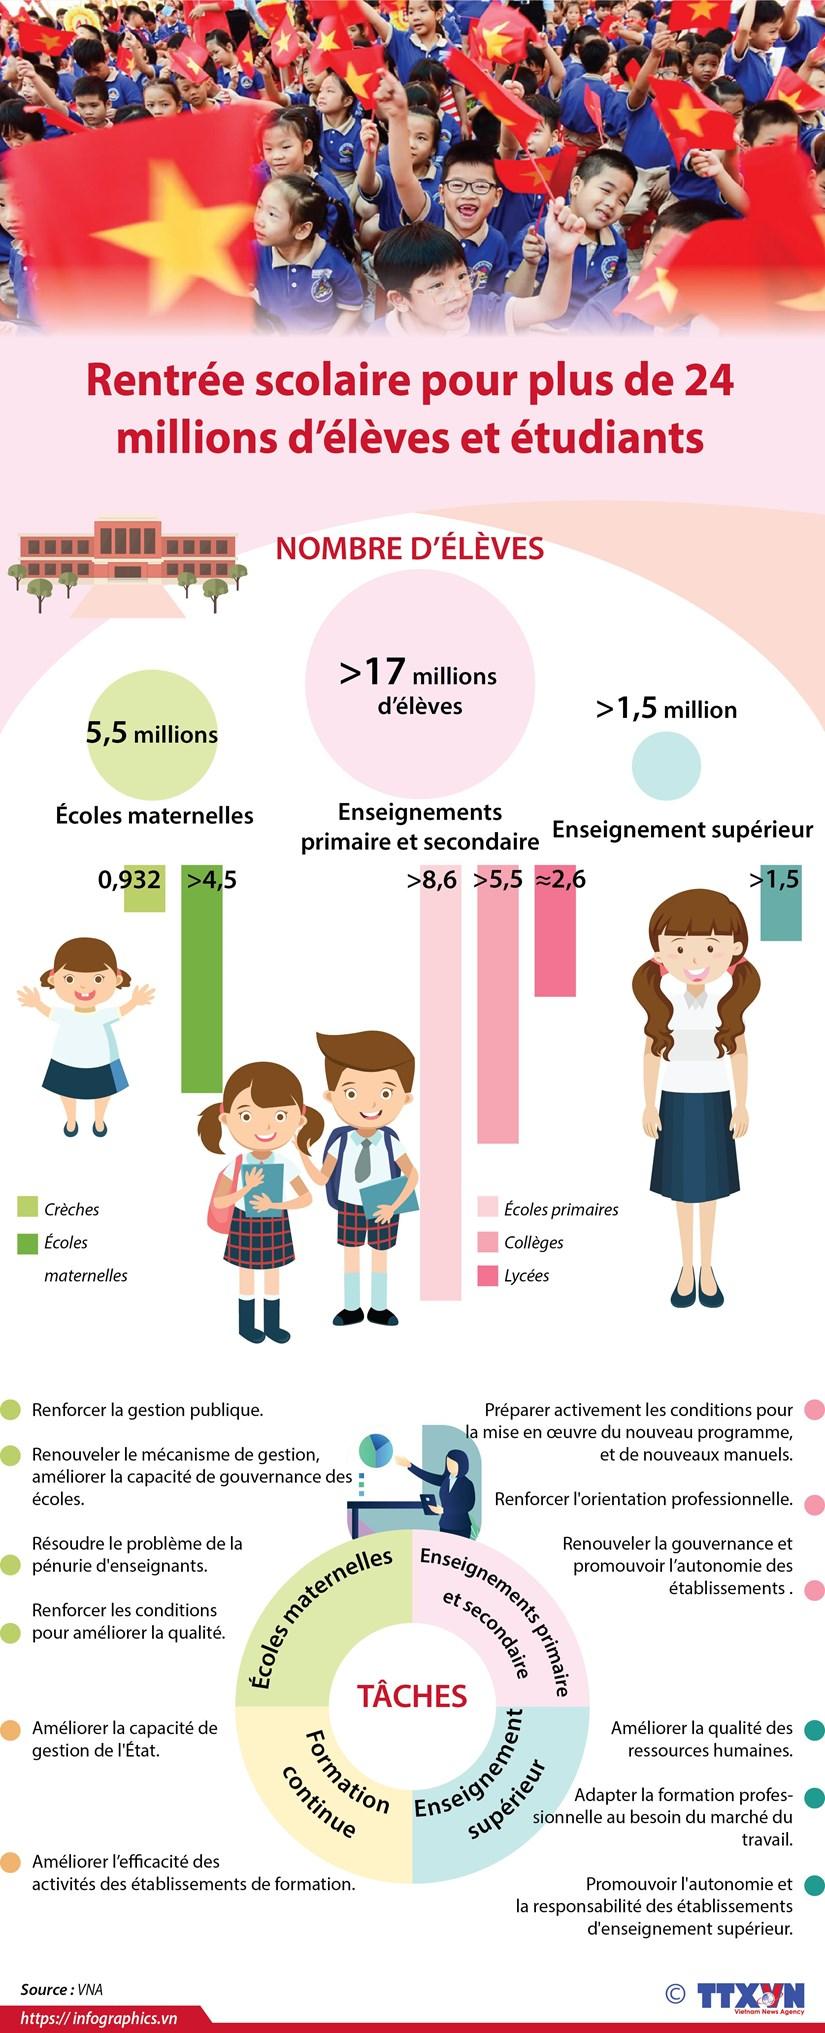 Rentree scolaire pour plus de 24 millions d'eleves et etudiants hinh anh 1